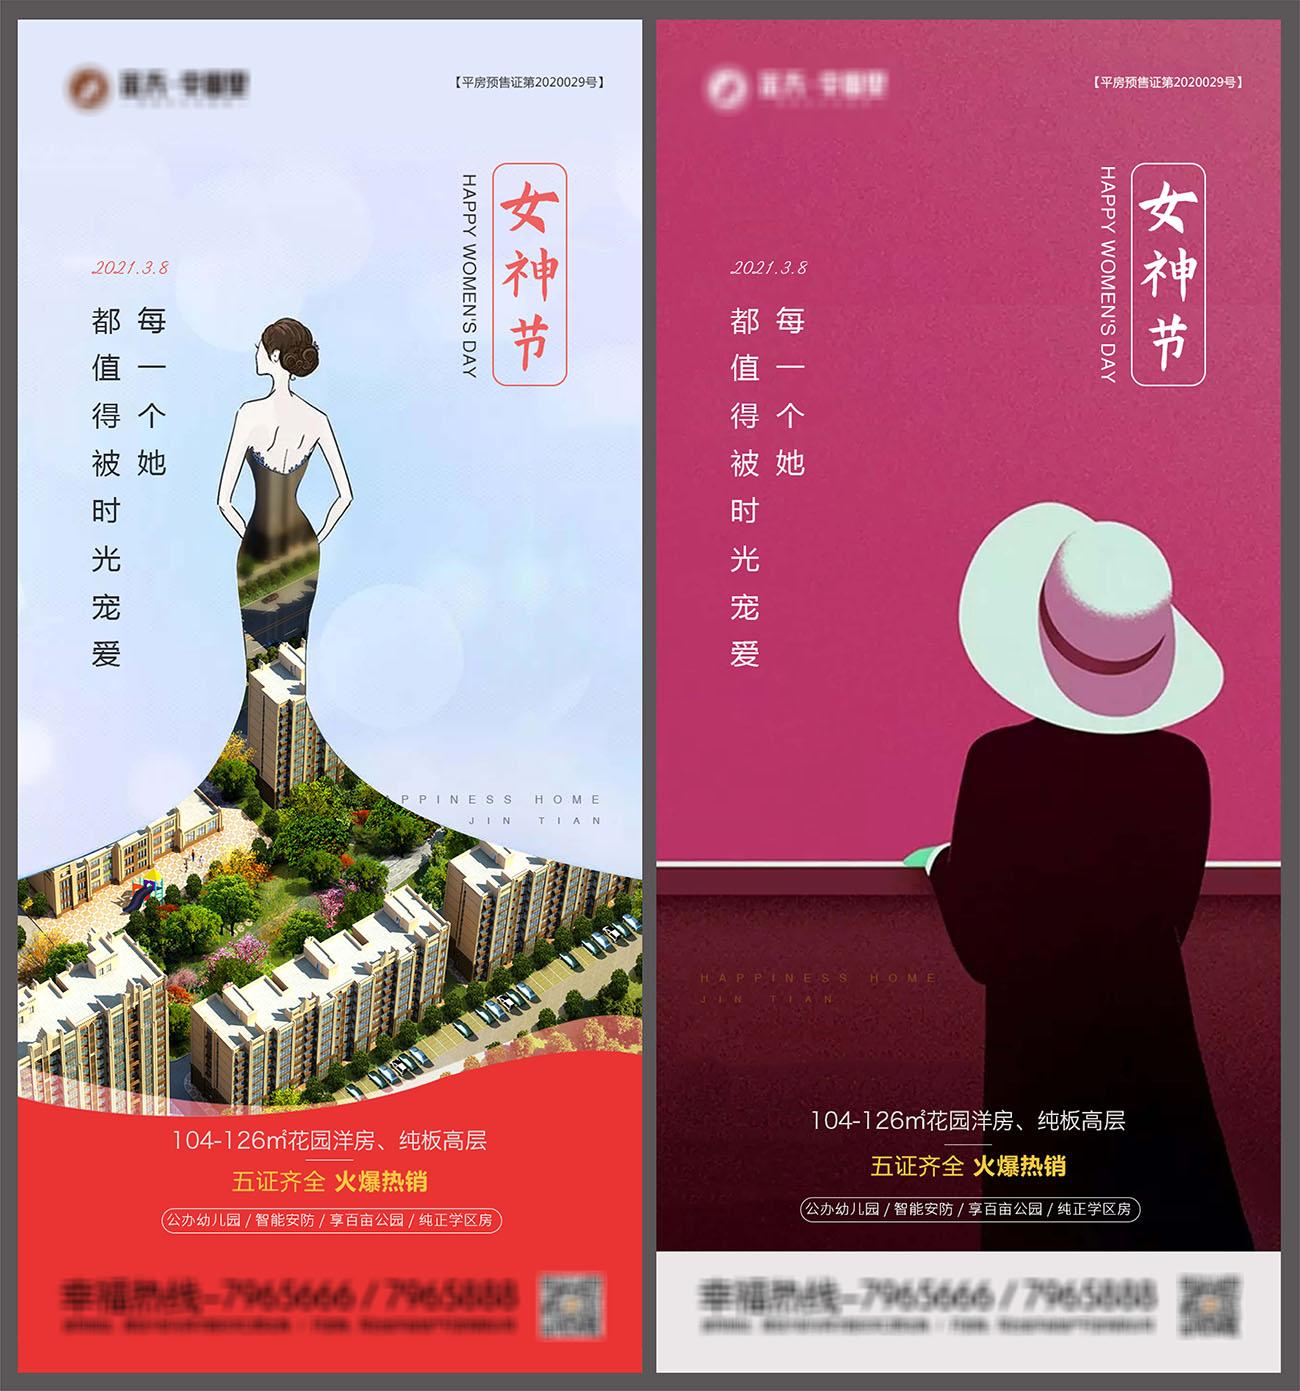 房地产女生节妇女节女神节海报推广PSD源文件插图